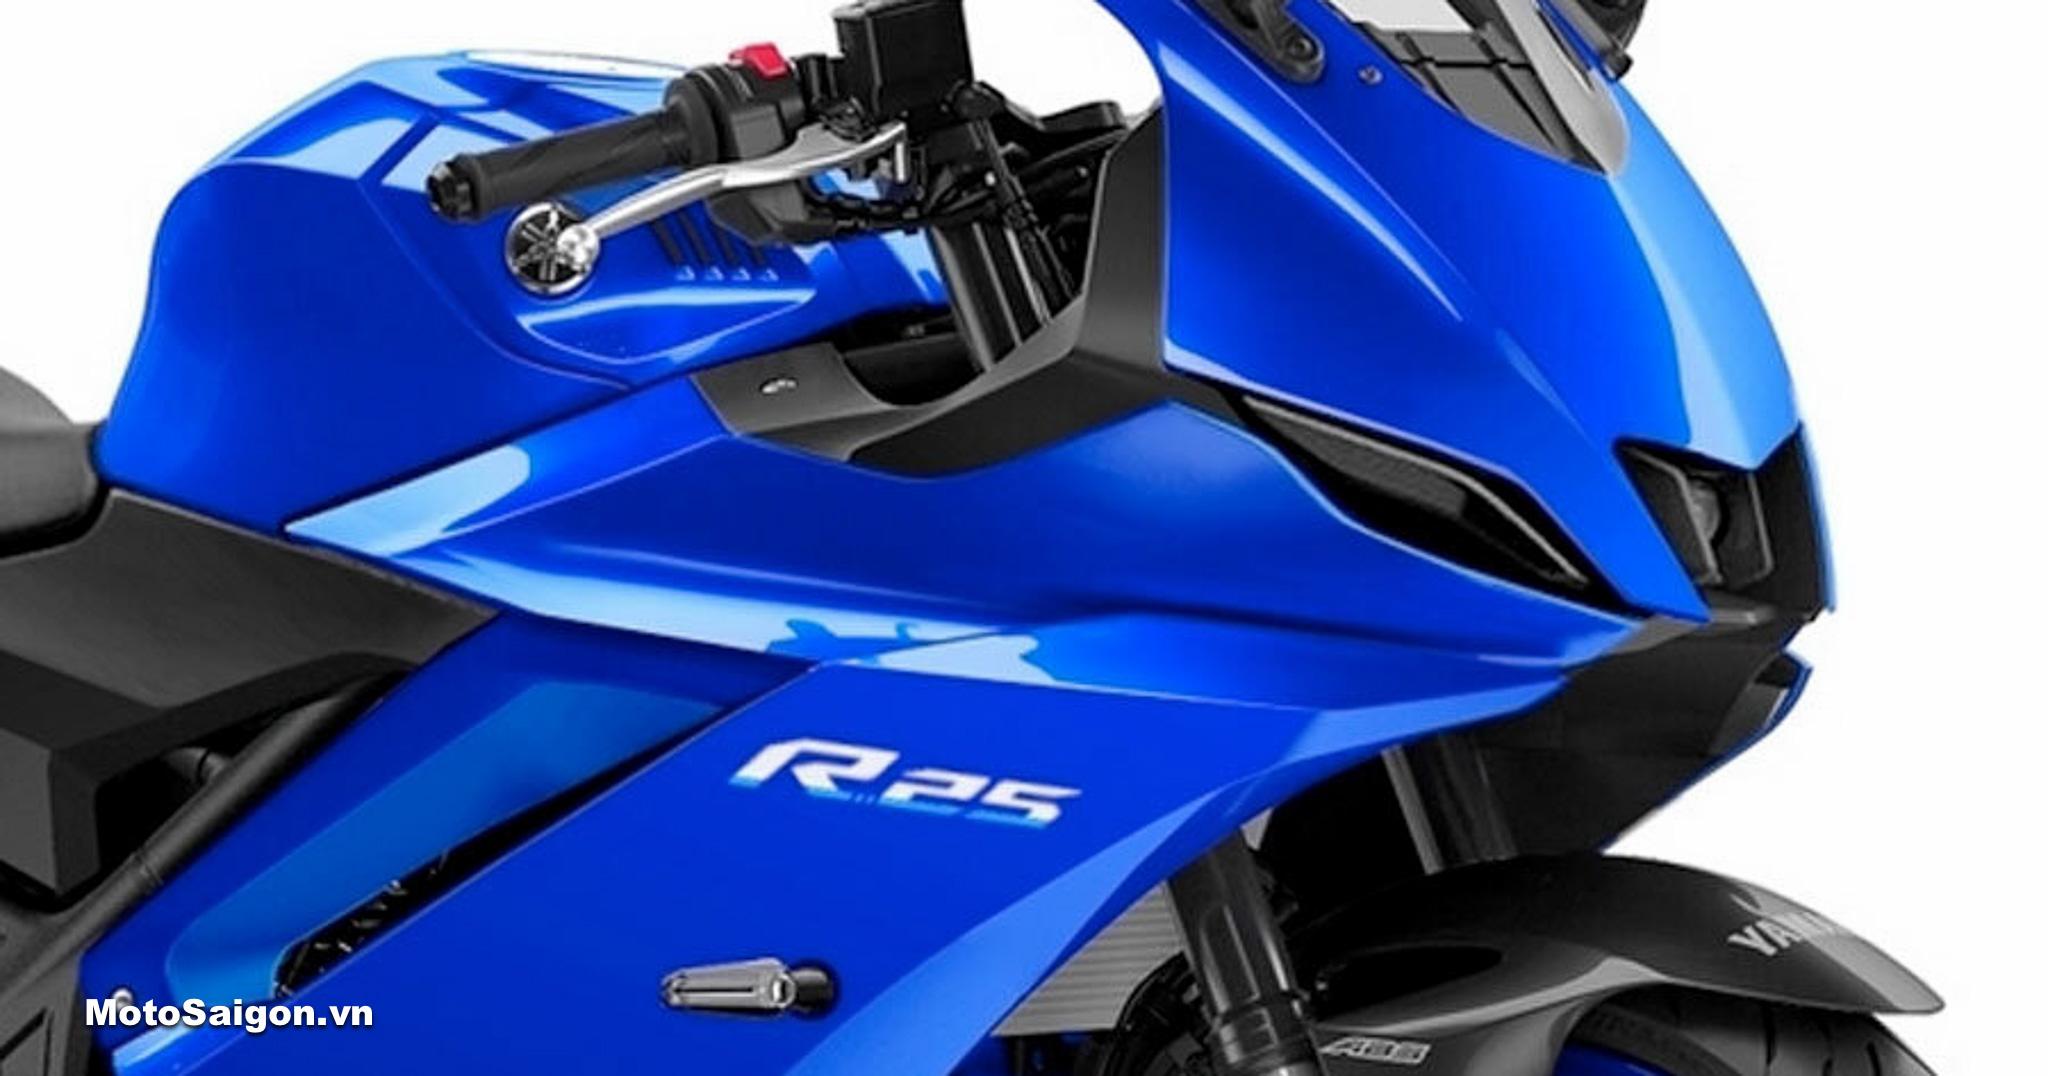 Yamaha R3 2022 tương tự R15 v4 sẽ có thiết kế mới giống R7